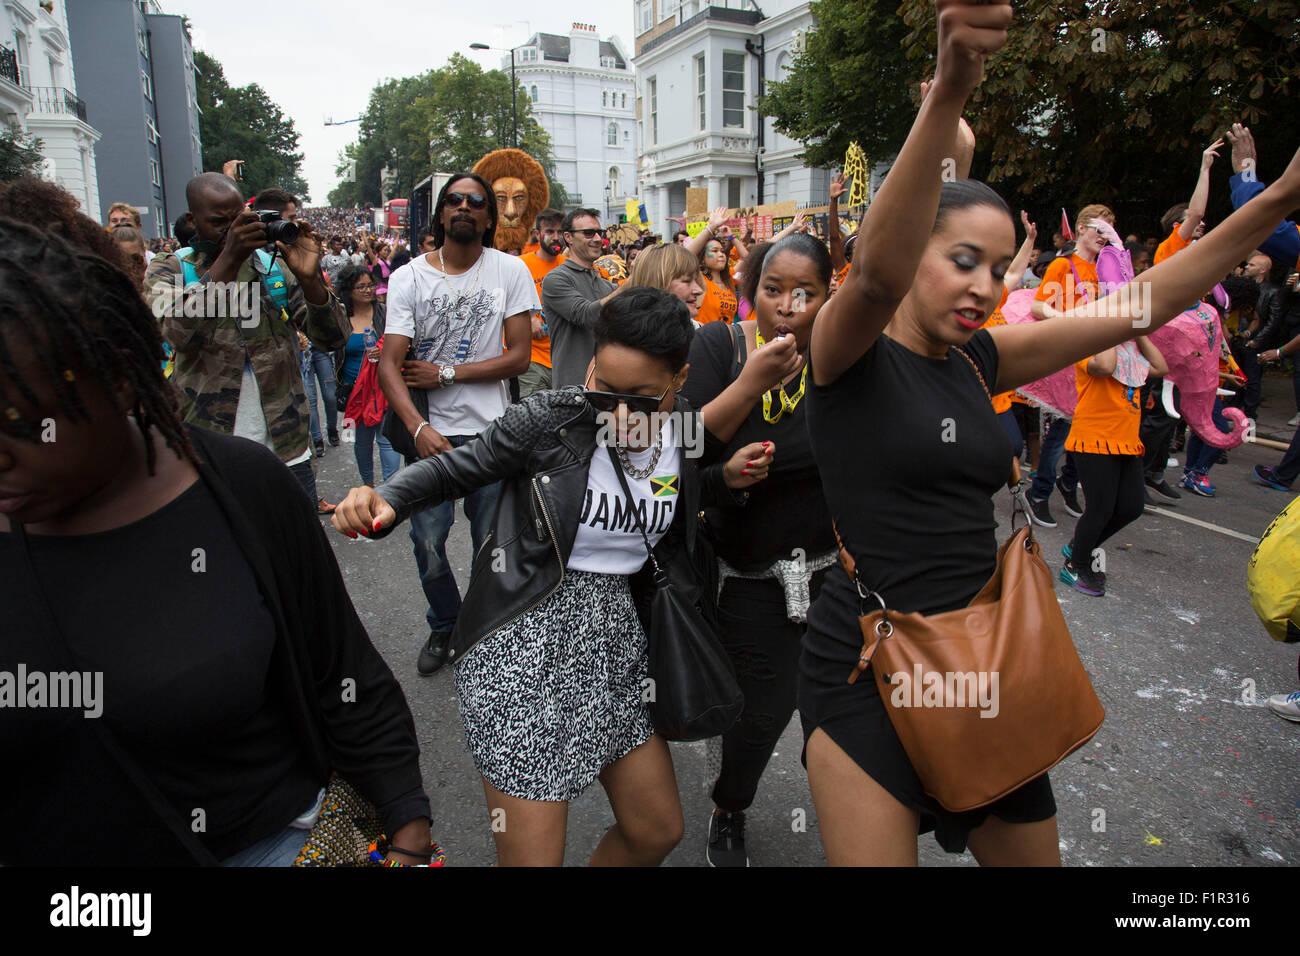 Dancing dietro uno della parata dei sistemi audio. Carnevale di Notting Hill a ovest di Londra. Una celebrazione Immagini Stock